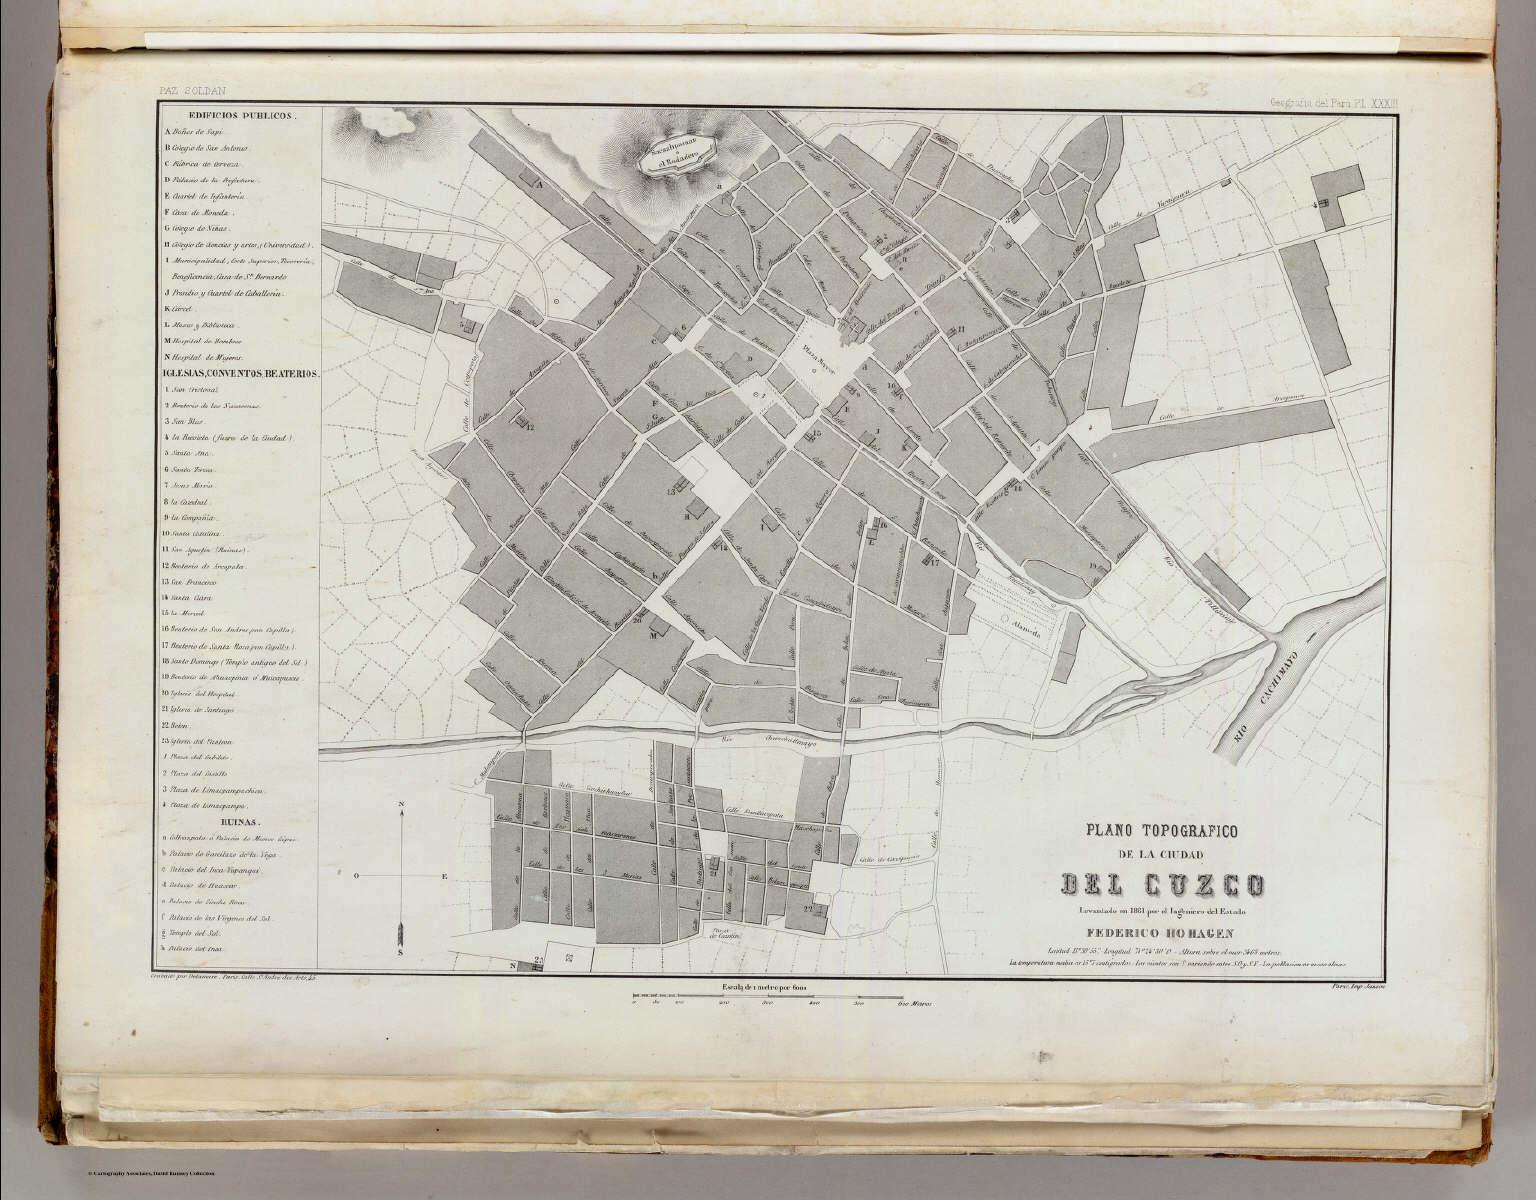 Plano topografico ciudad del cuzco david rumsey historical map plano topografico ciudad del cuzco publicscrutiny Image collections